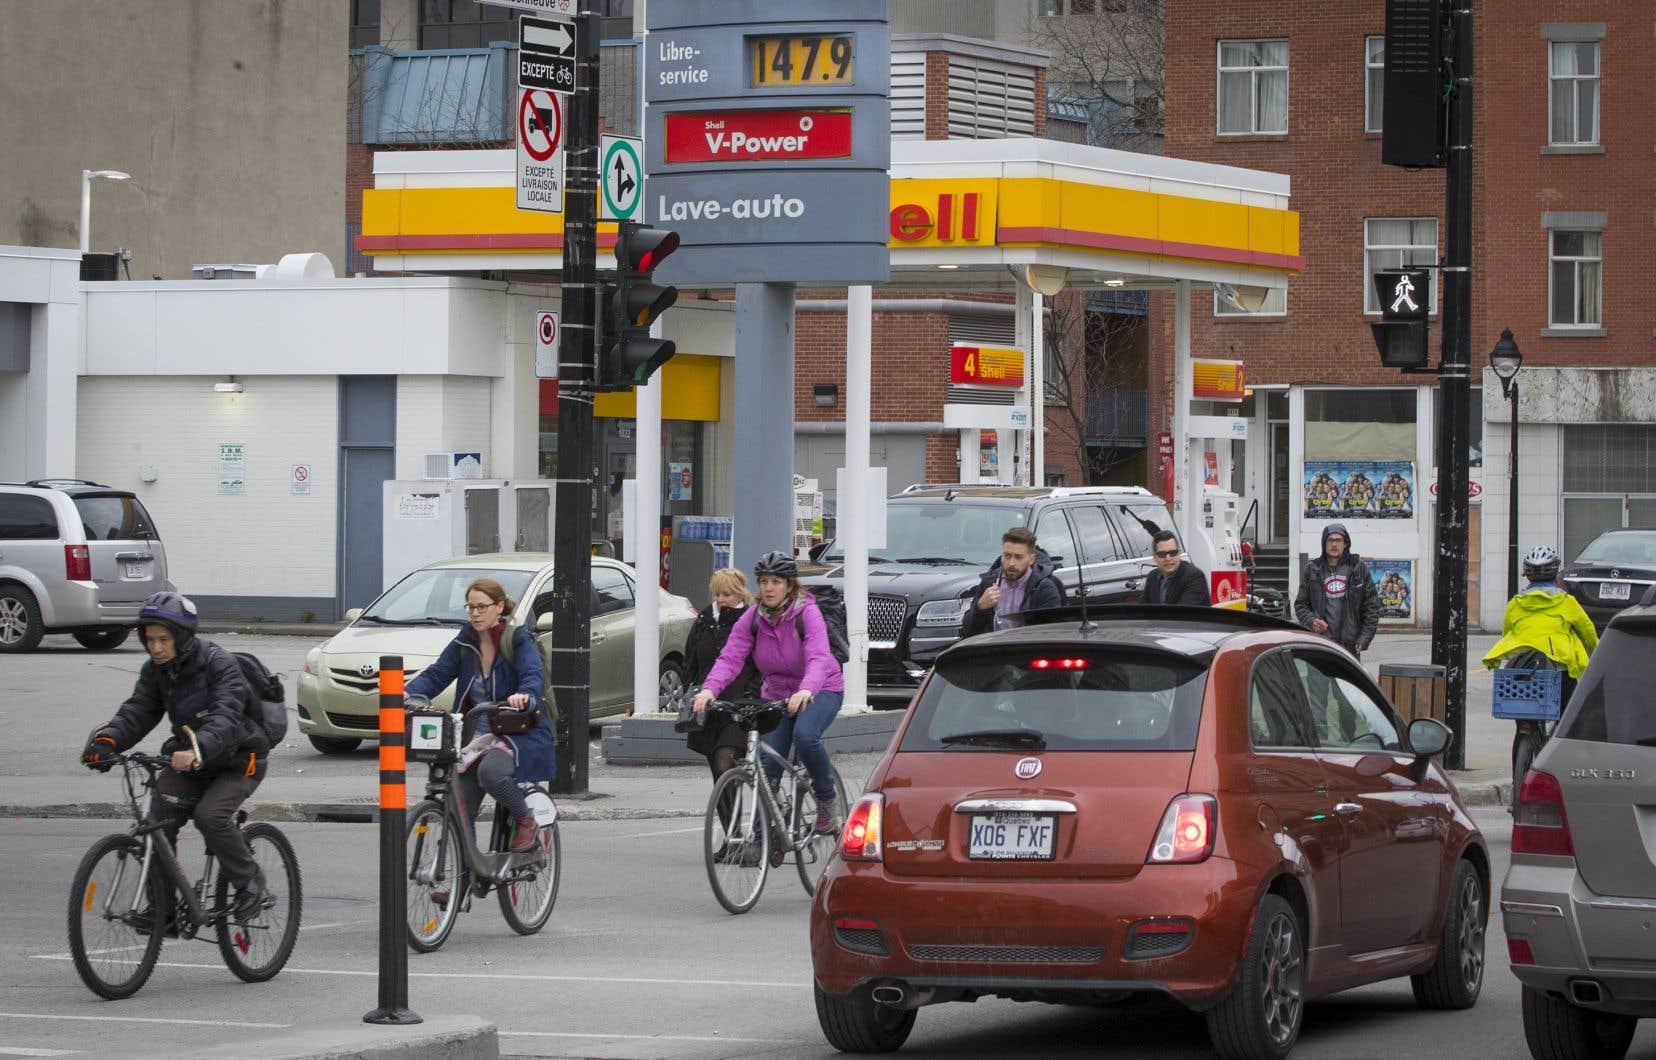 Le prix du baril de pétrole brut a reculé lundi soir de 0,34$US à la Bourse NYMEX, à New York, à 68,23$US.